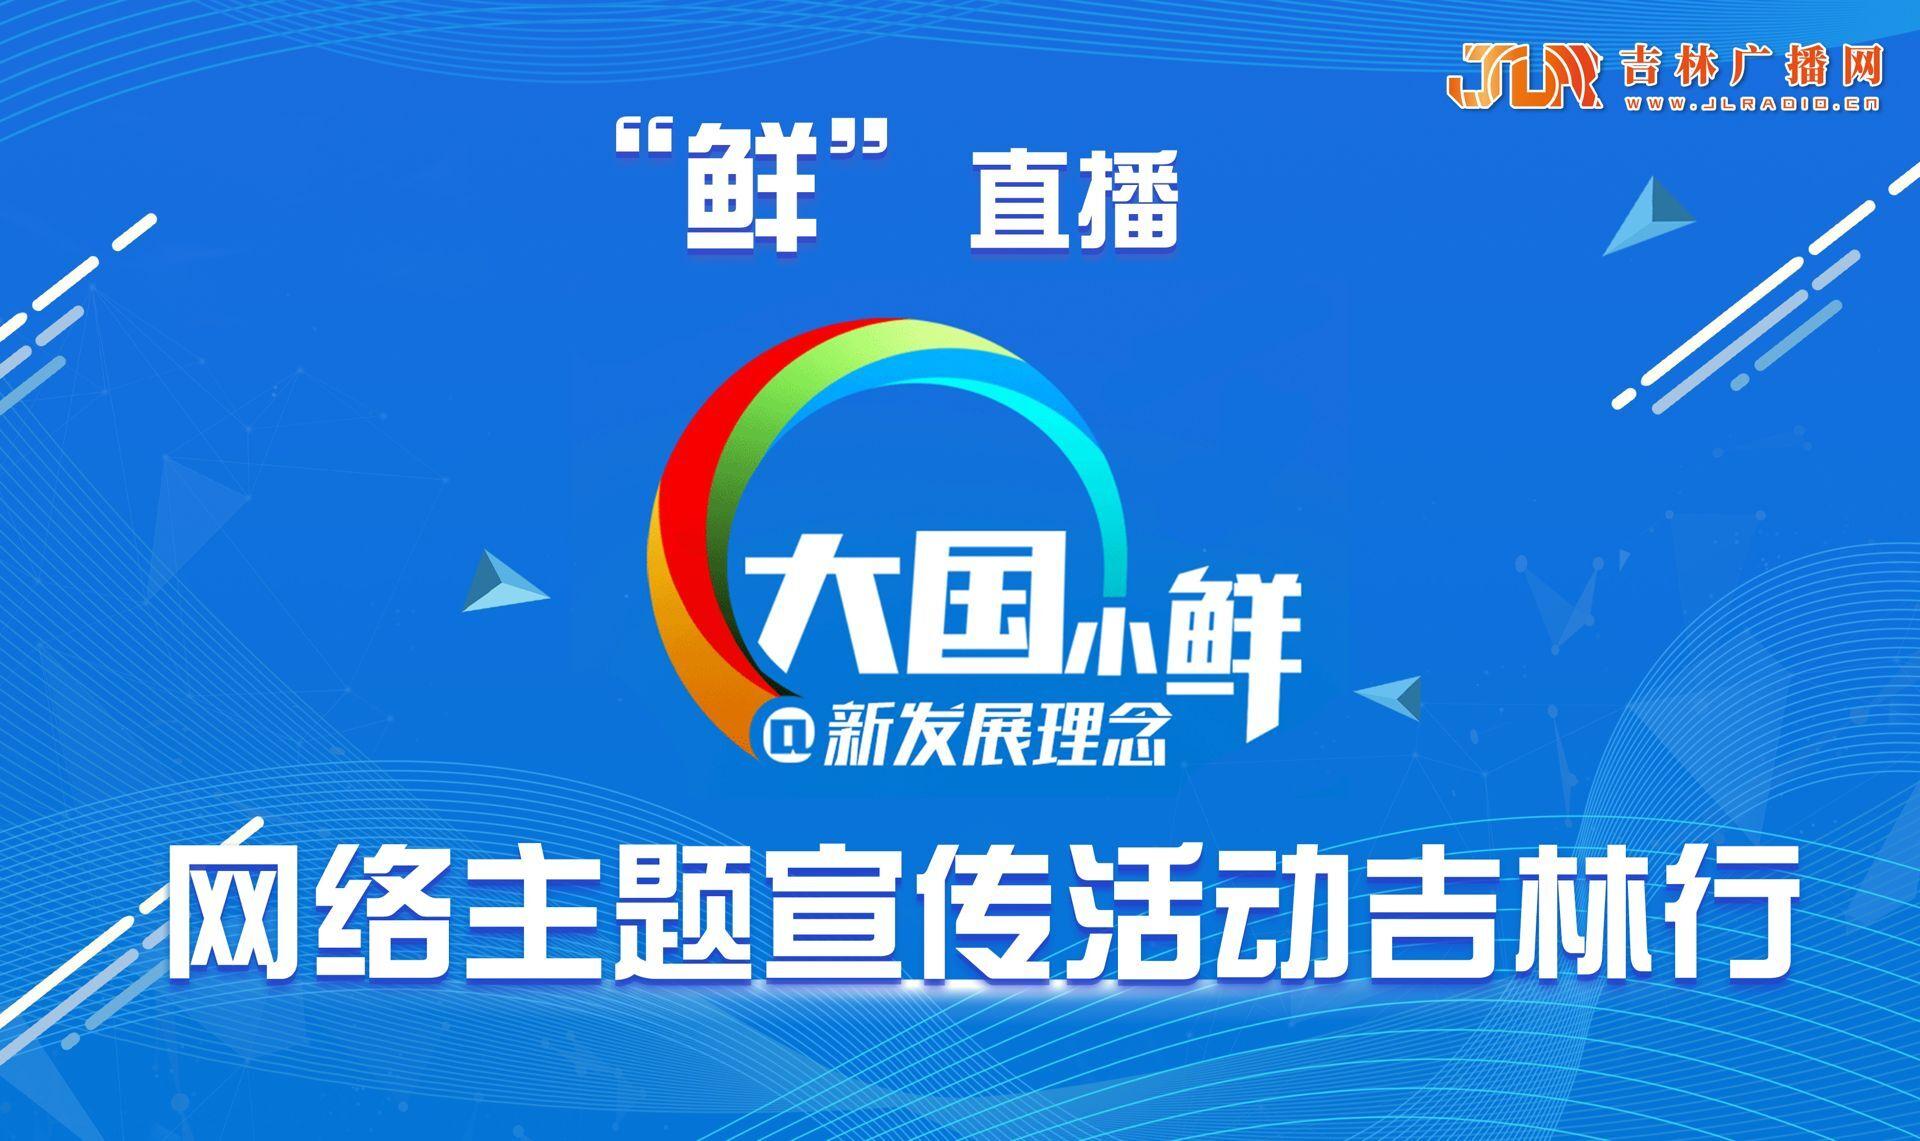 """图文直播:""""大国小鲜@新发展理念""""网络主题宣传活动吉林行"""